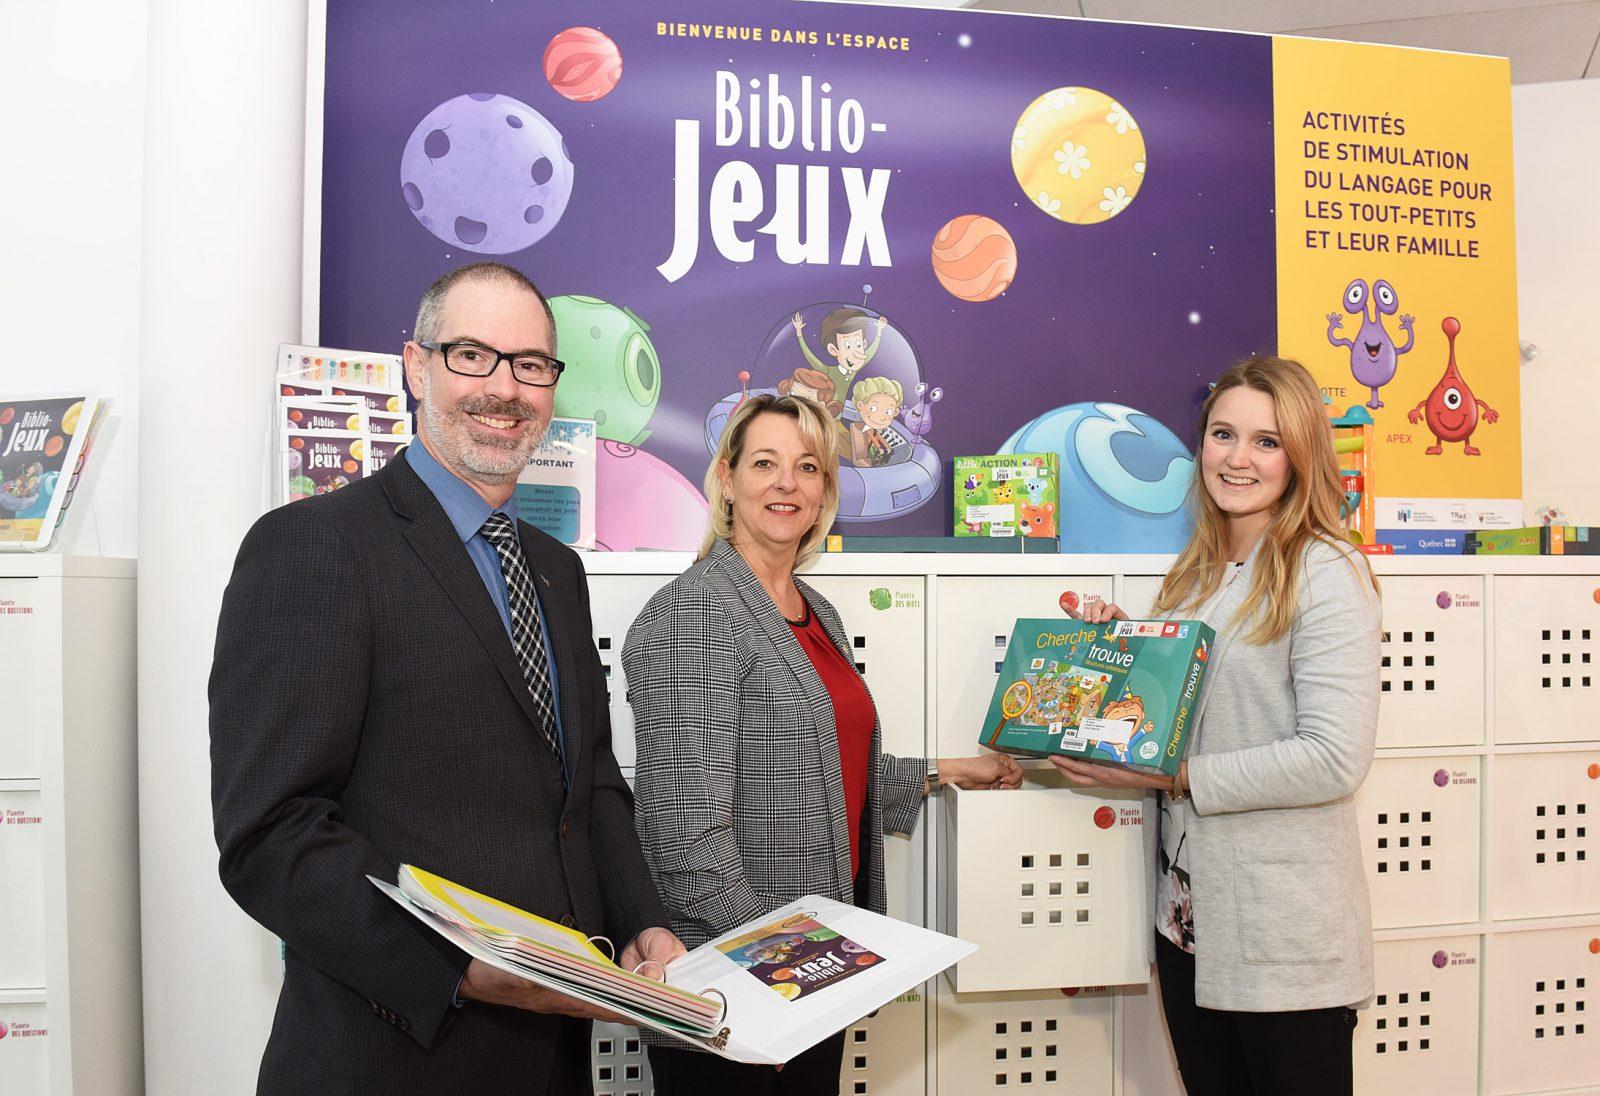 Biblio-Jeux Dans Deux Bibliothèques De Longueuil: Des Jeux tout Jeux Pour Tout Petit